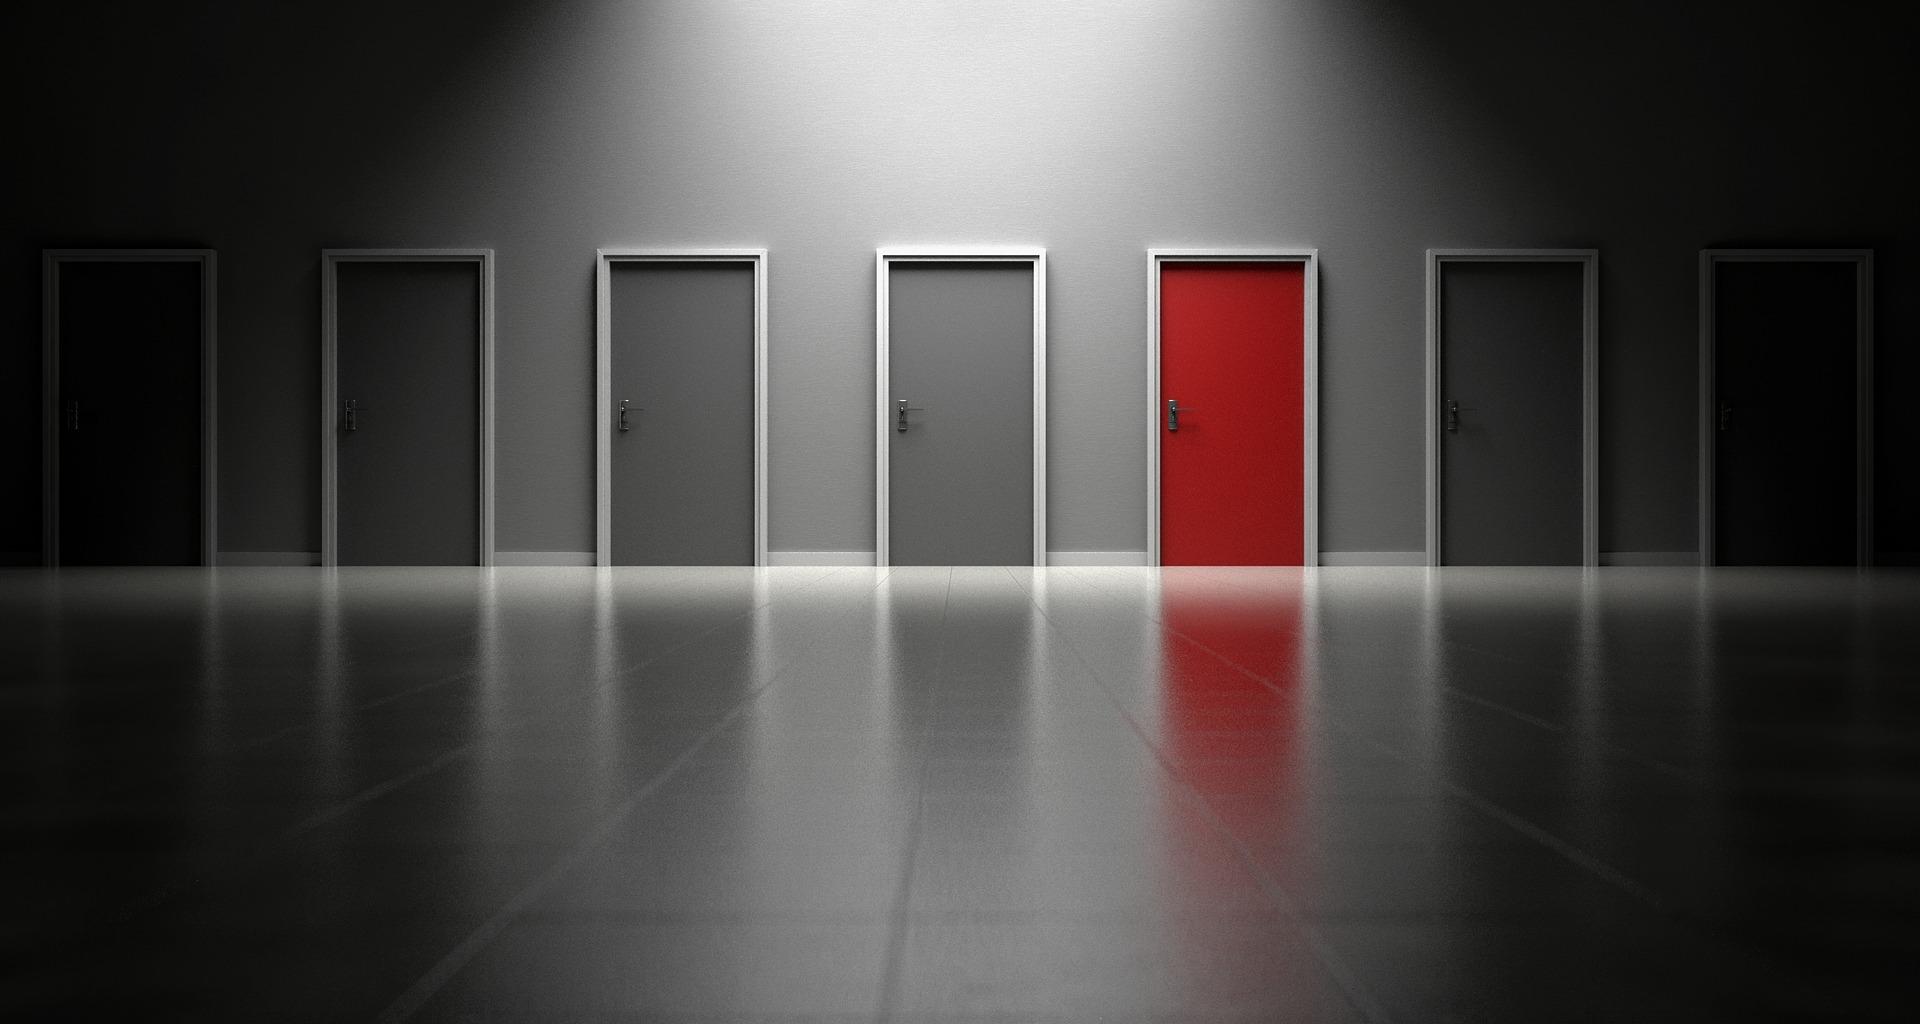 入職者の入職経路の傾向、知ってますか?